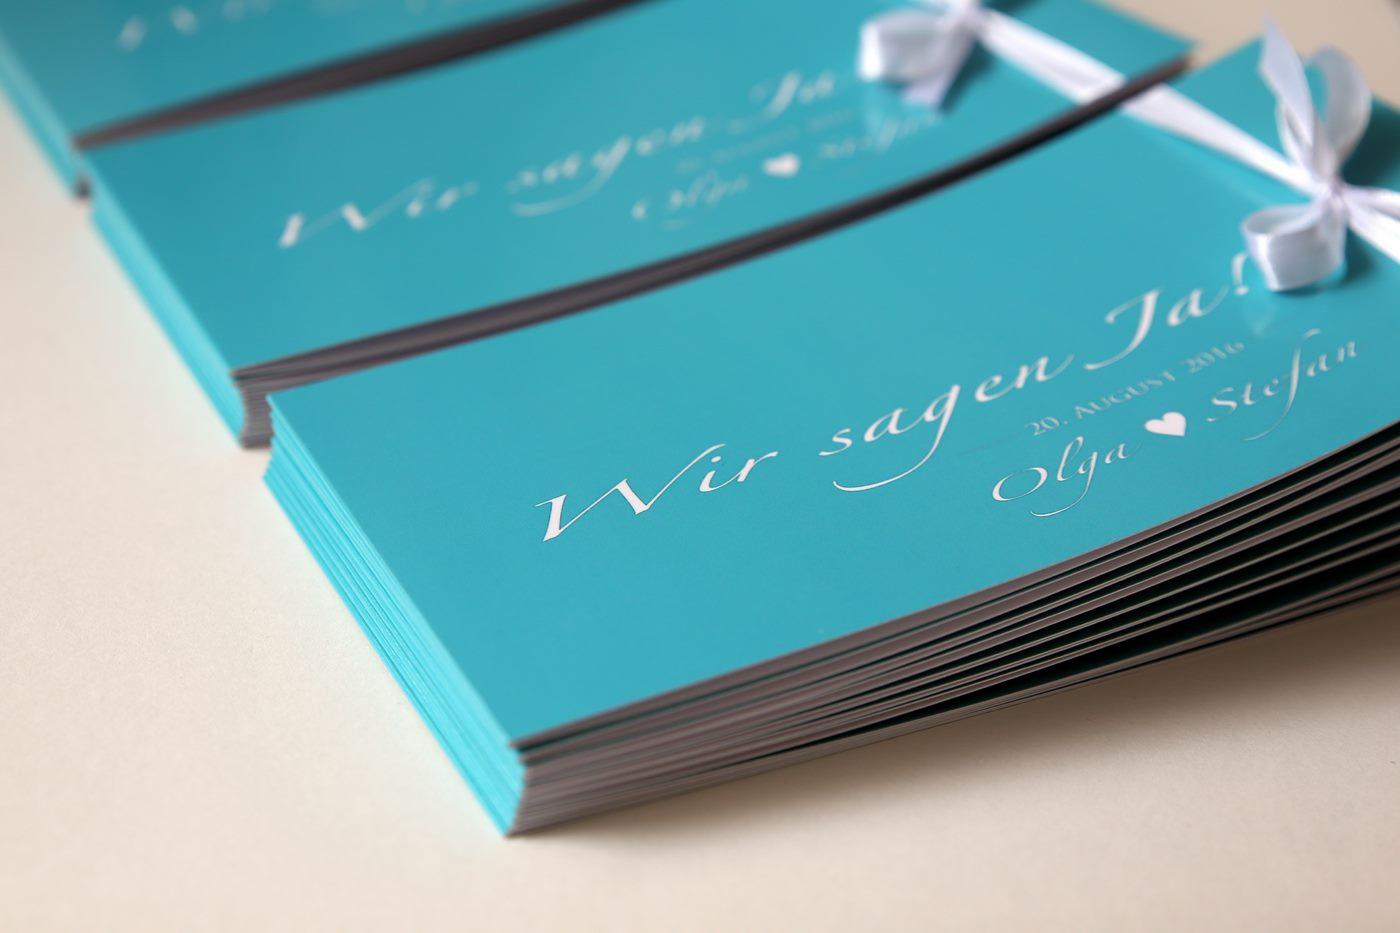 Einladungskarte zur Hochzeit in türkis